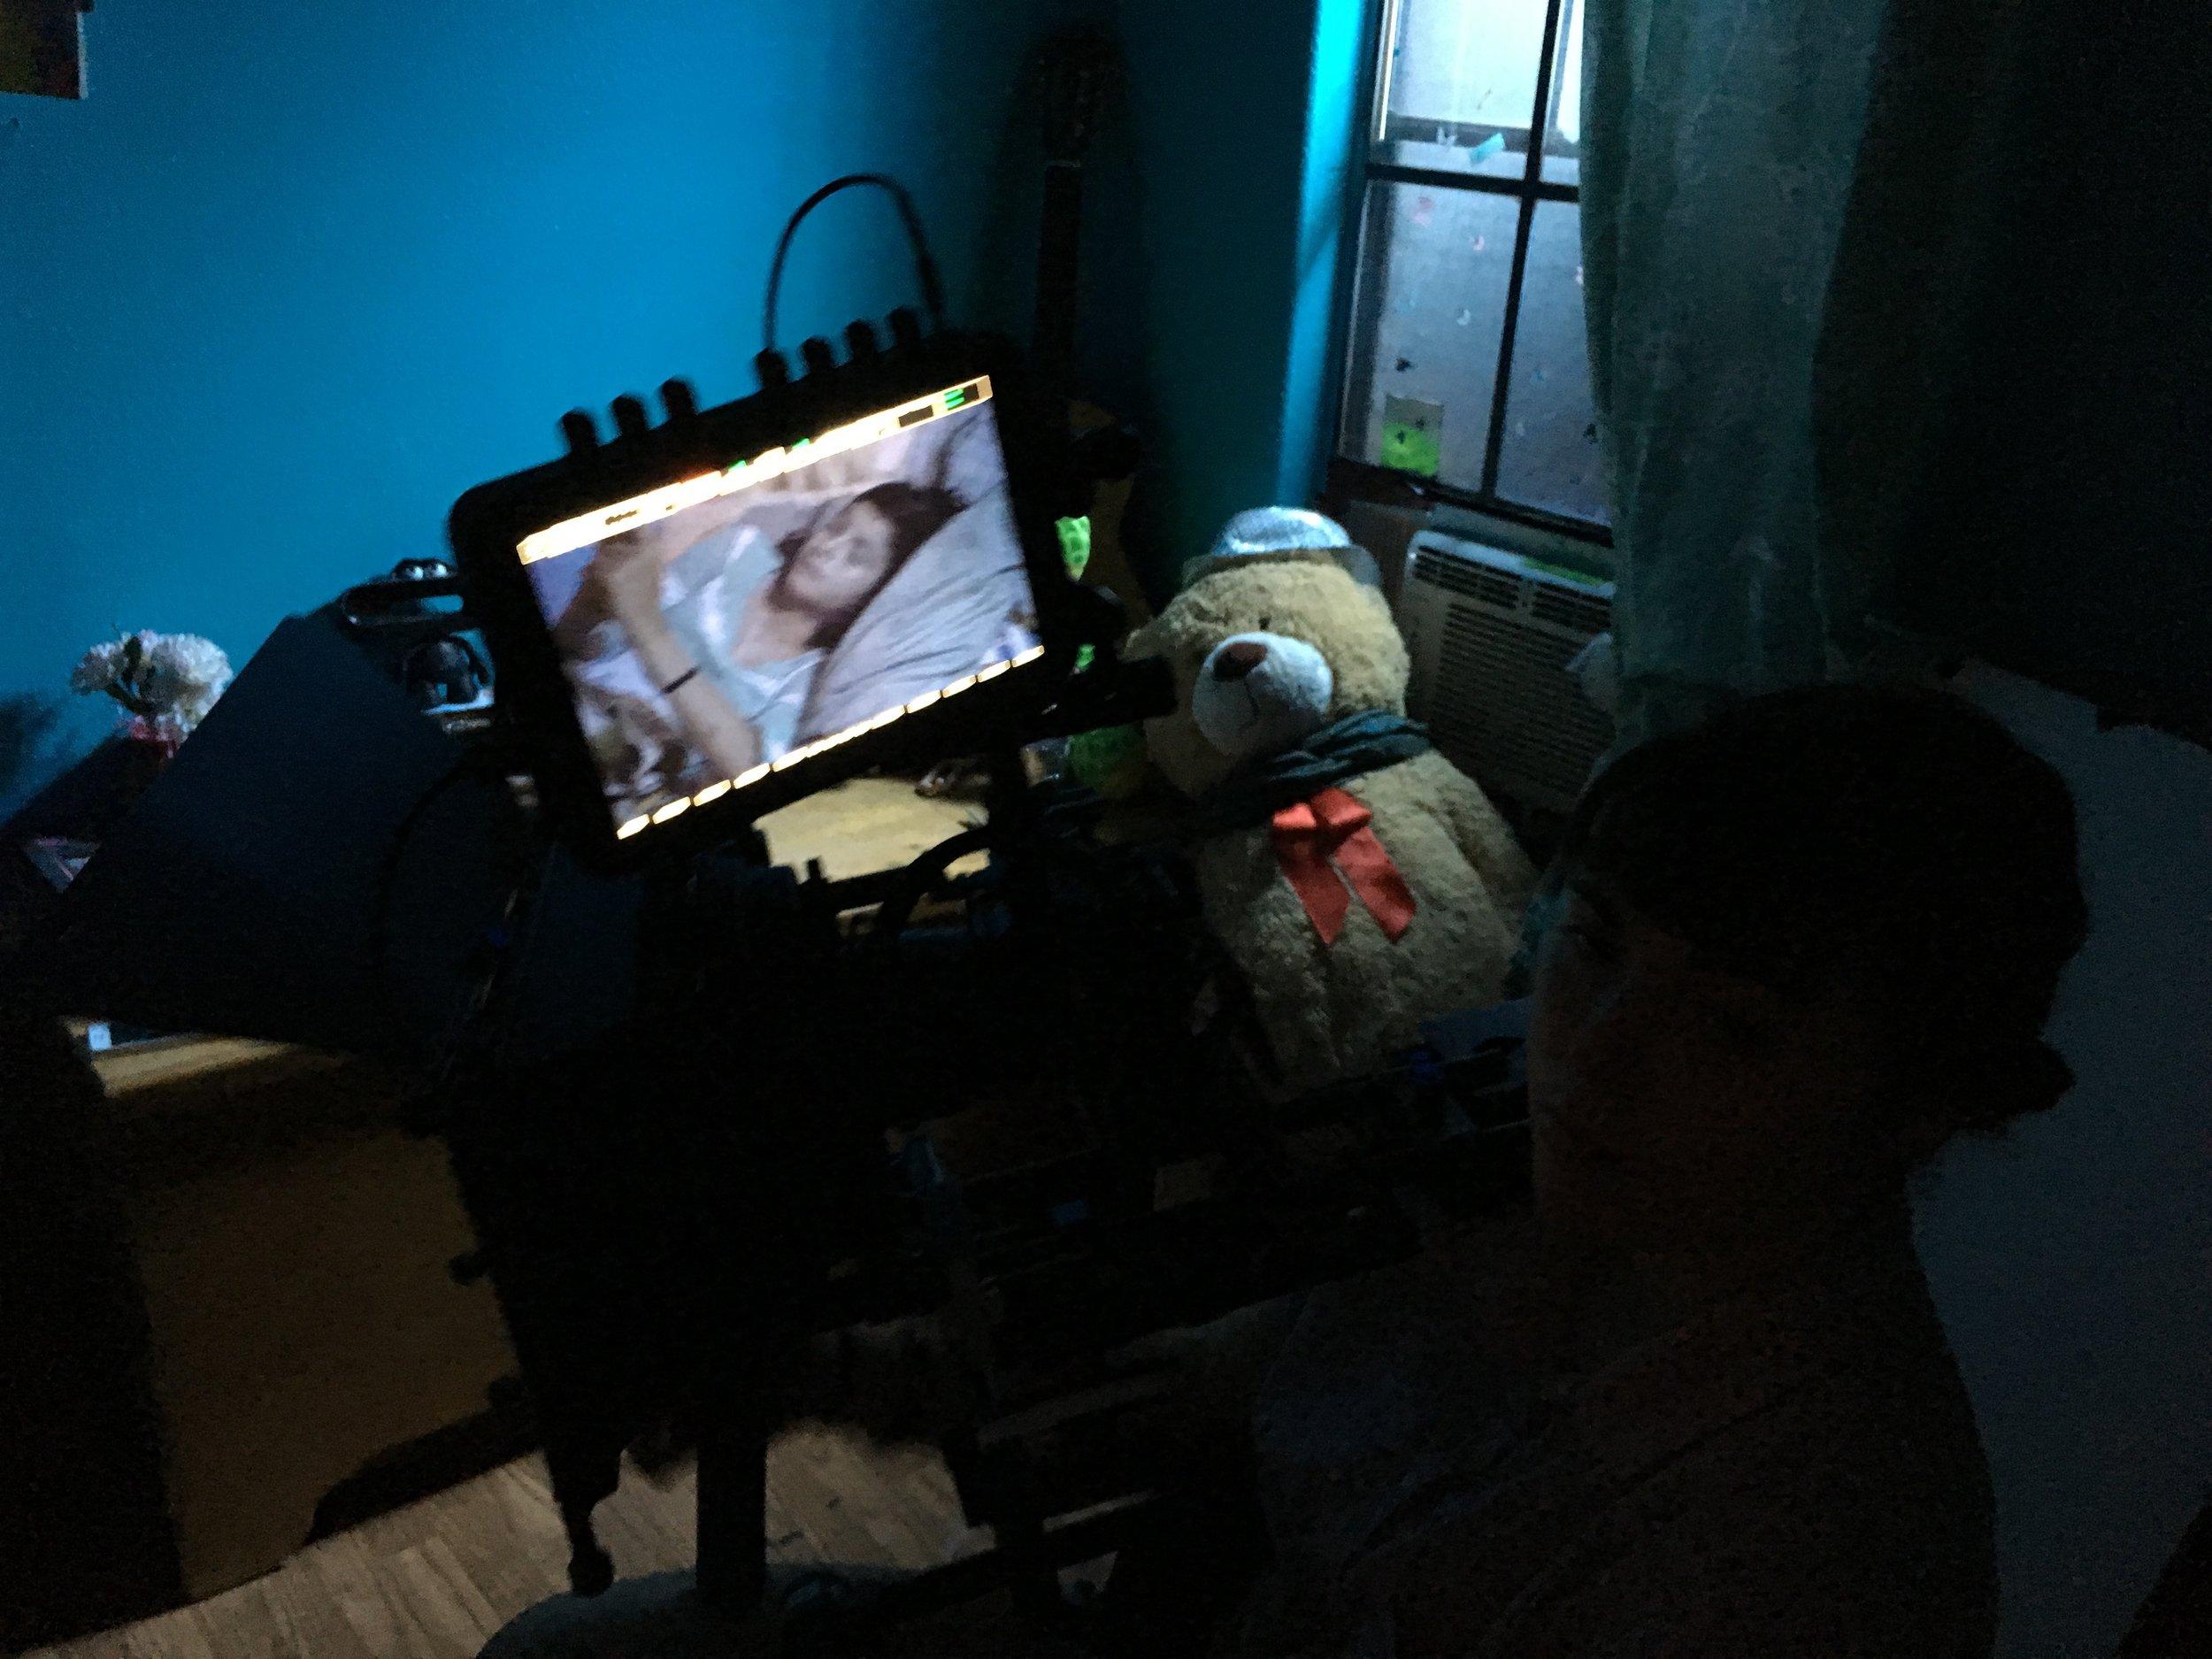 Lexi Bedroom Scene.jpg